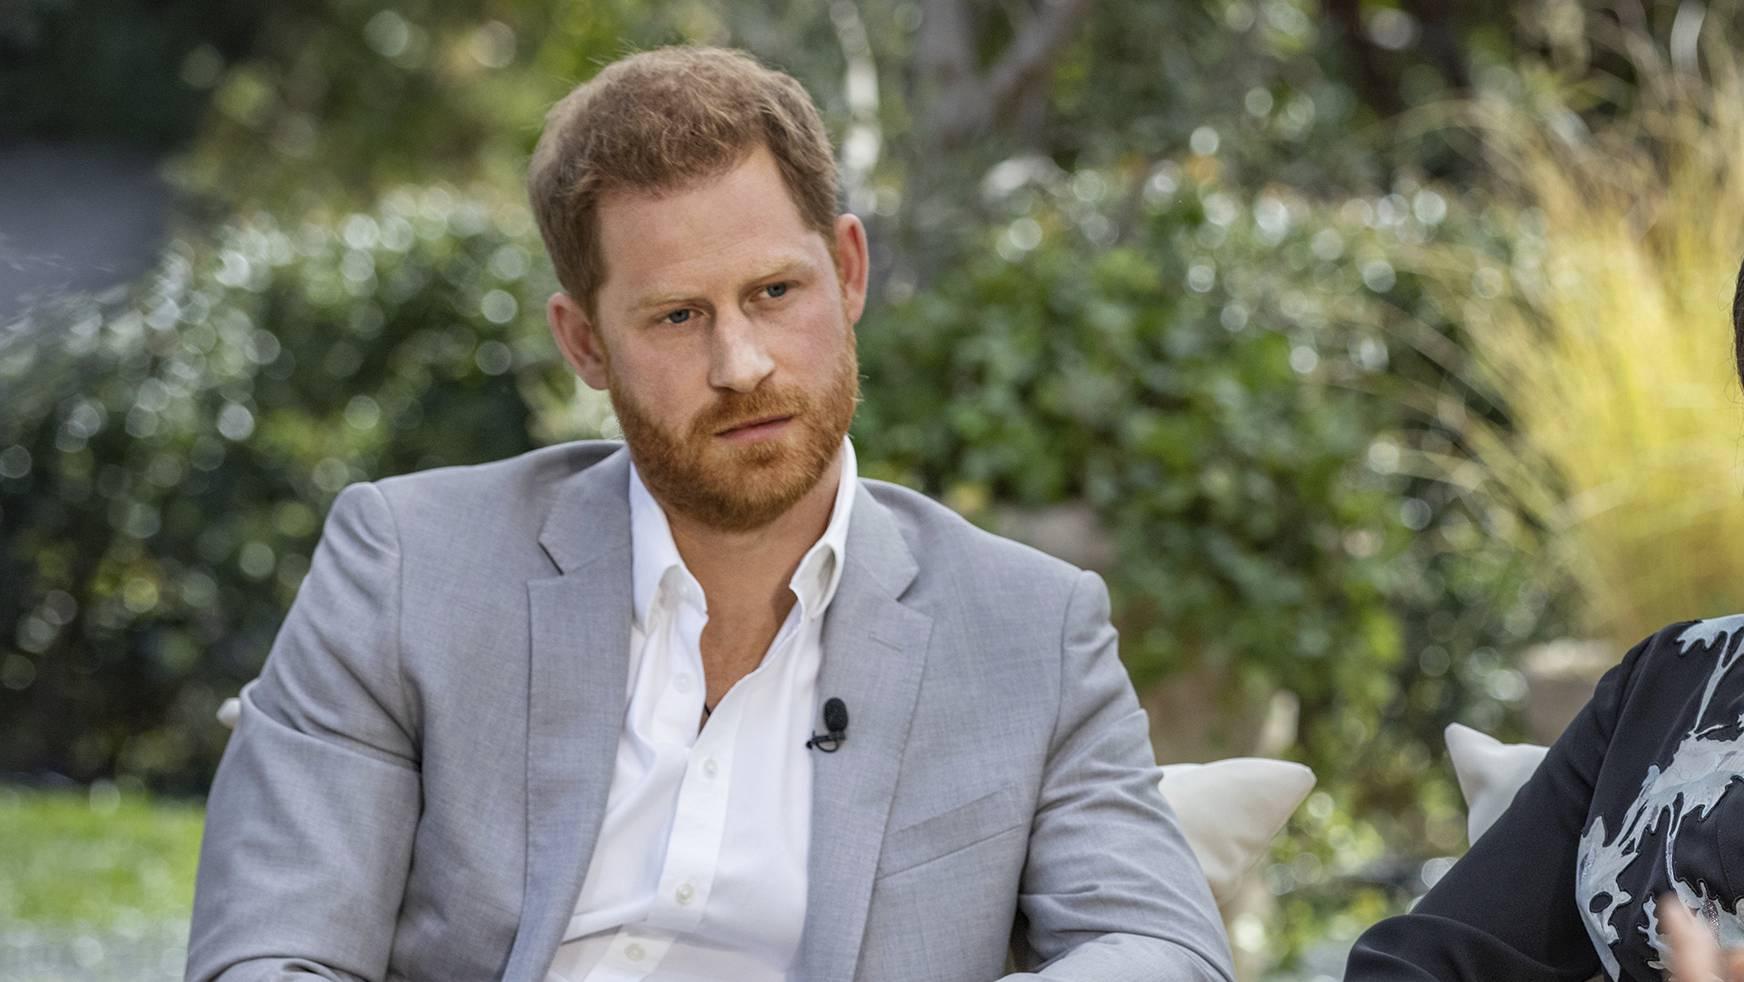 Prinz Harry will seine Memoiren veröffentlichen und dabei auch Fehler und Versäumnisse offenlegen. (Archivbild)